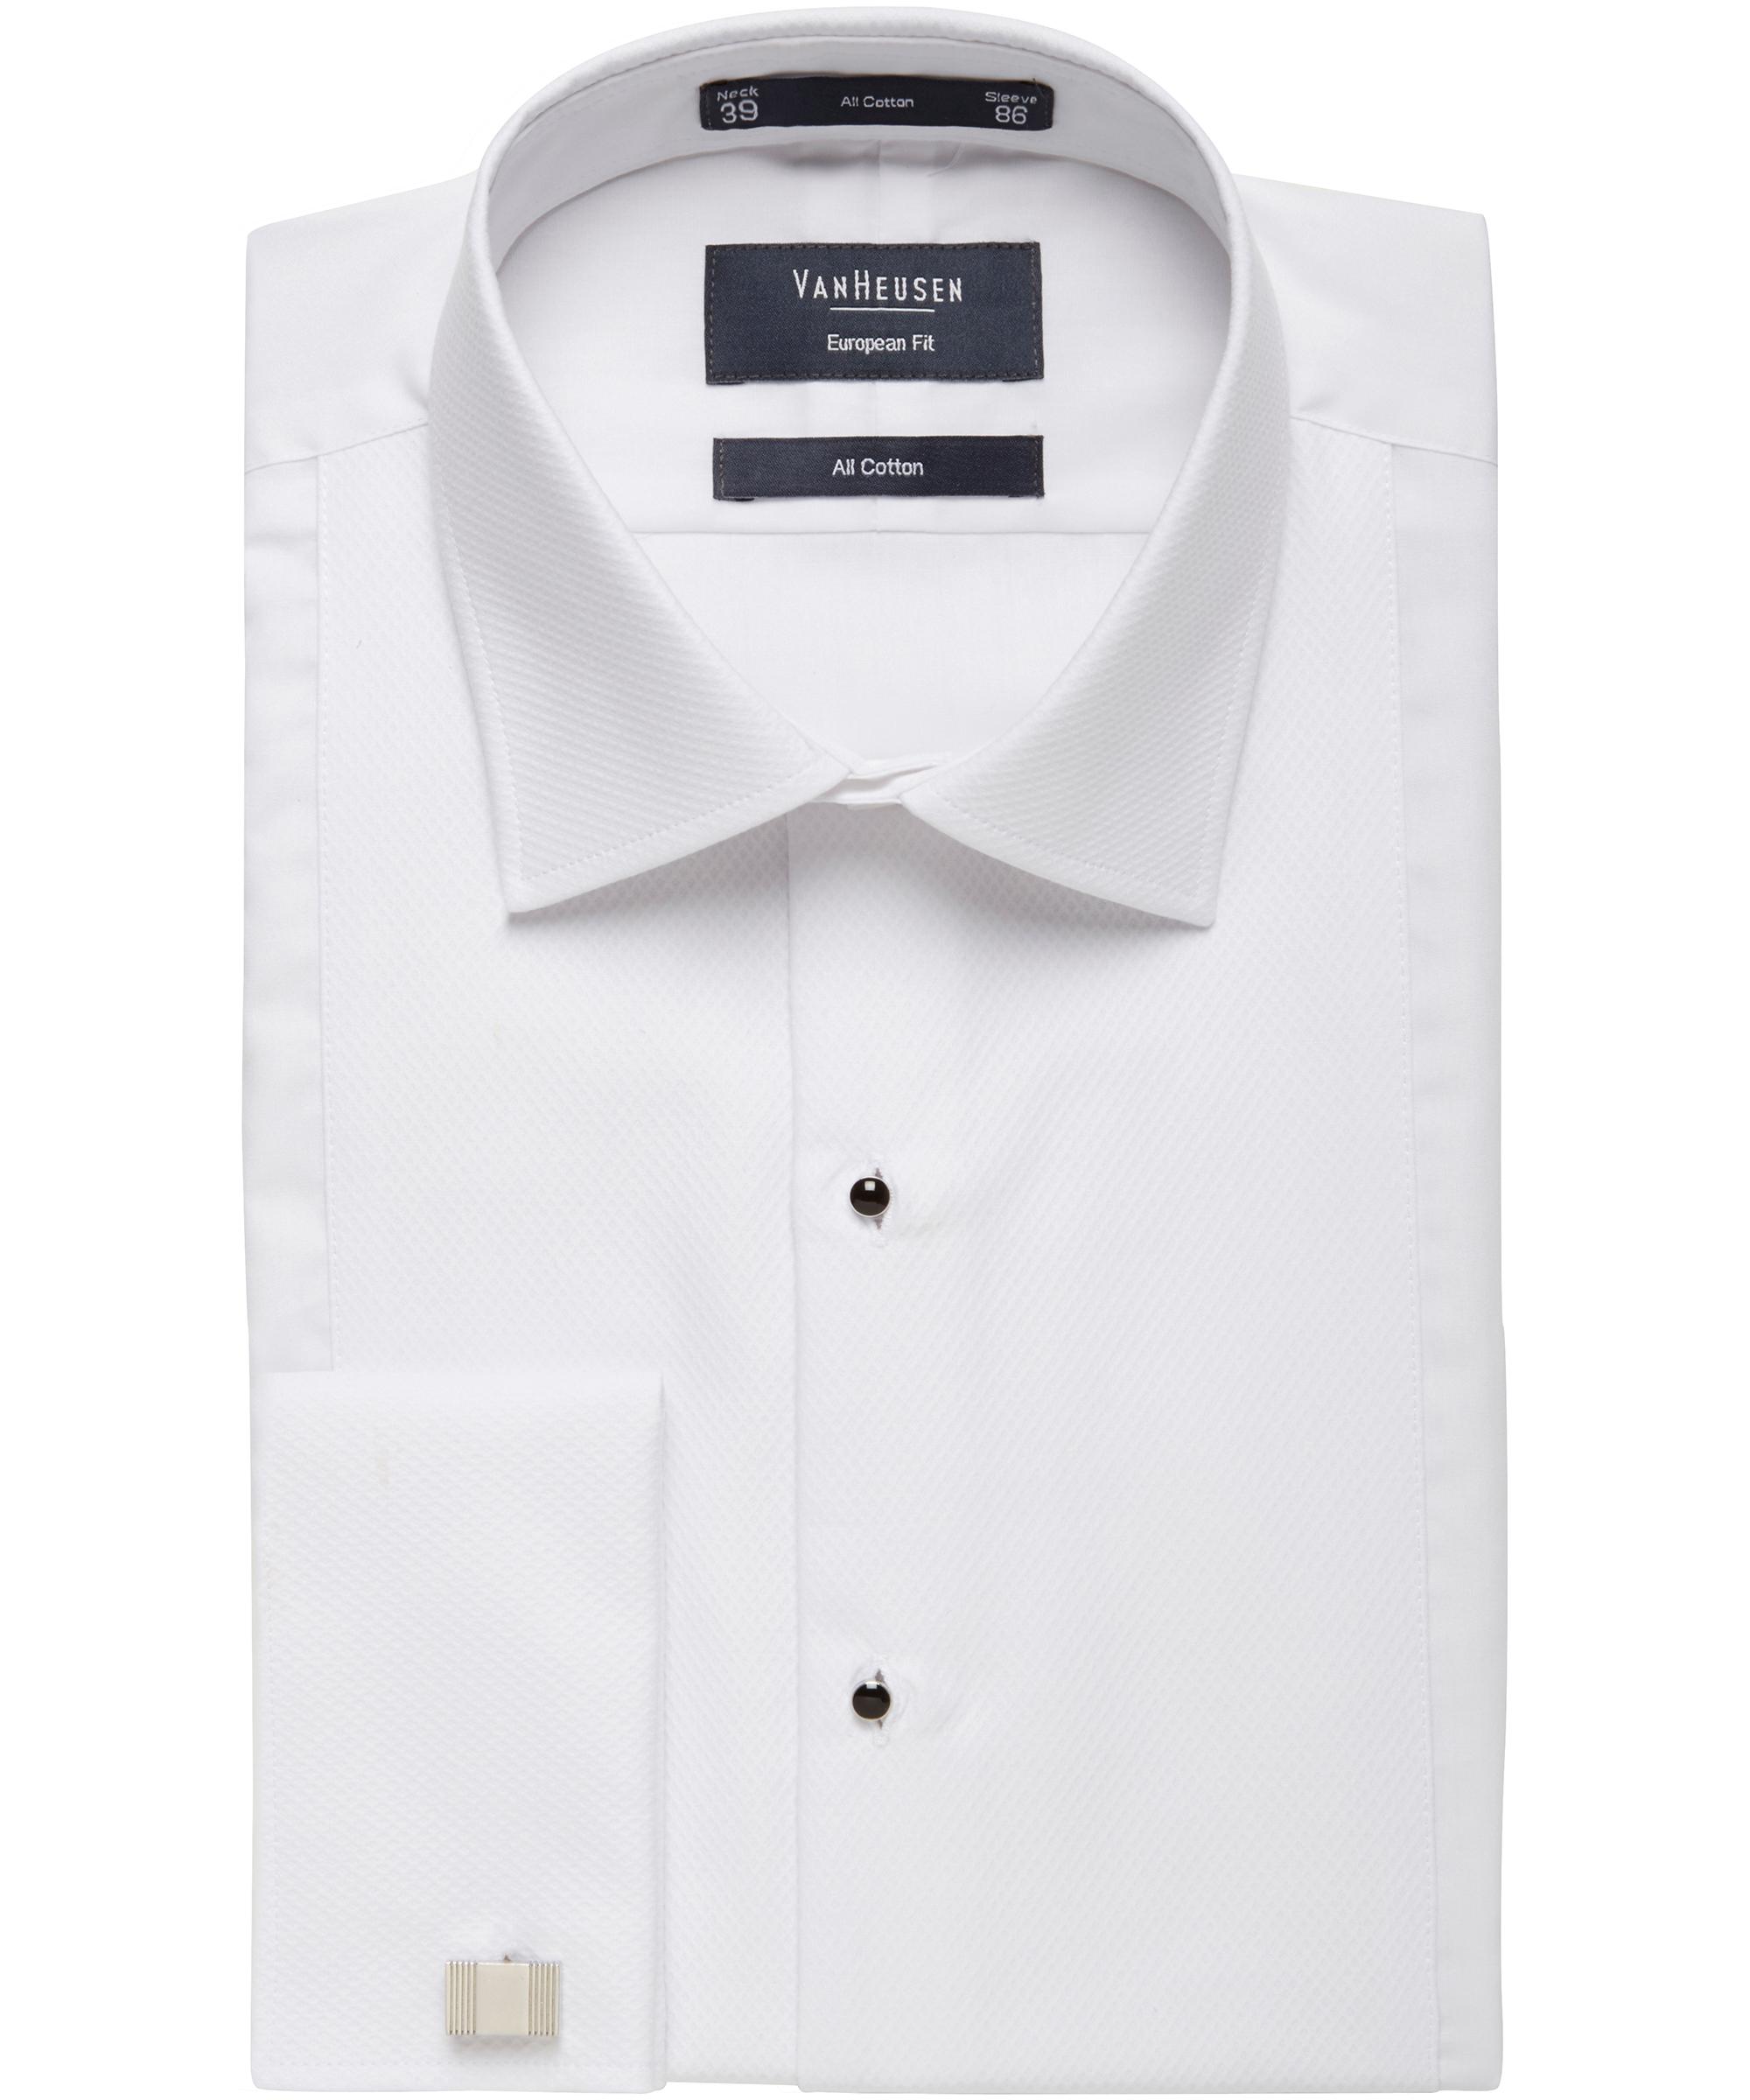 Formal dinner semi spread collar marcella front all cotton for Semi spread collar shirt